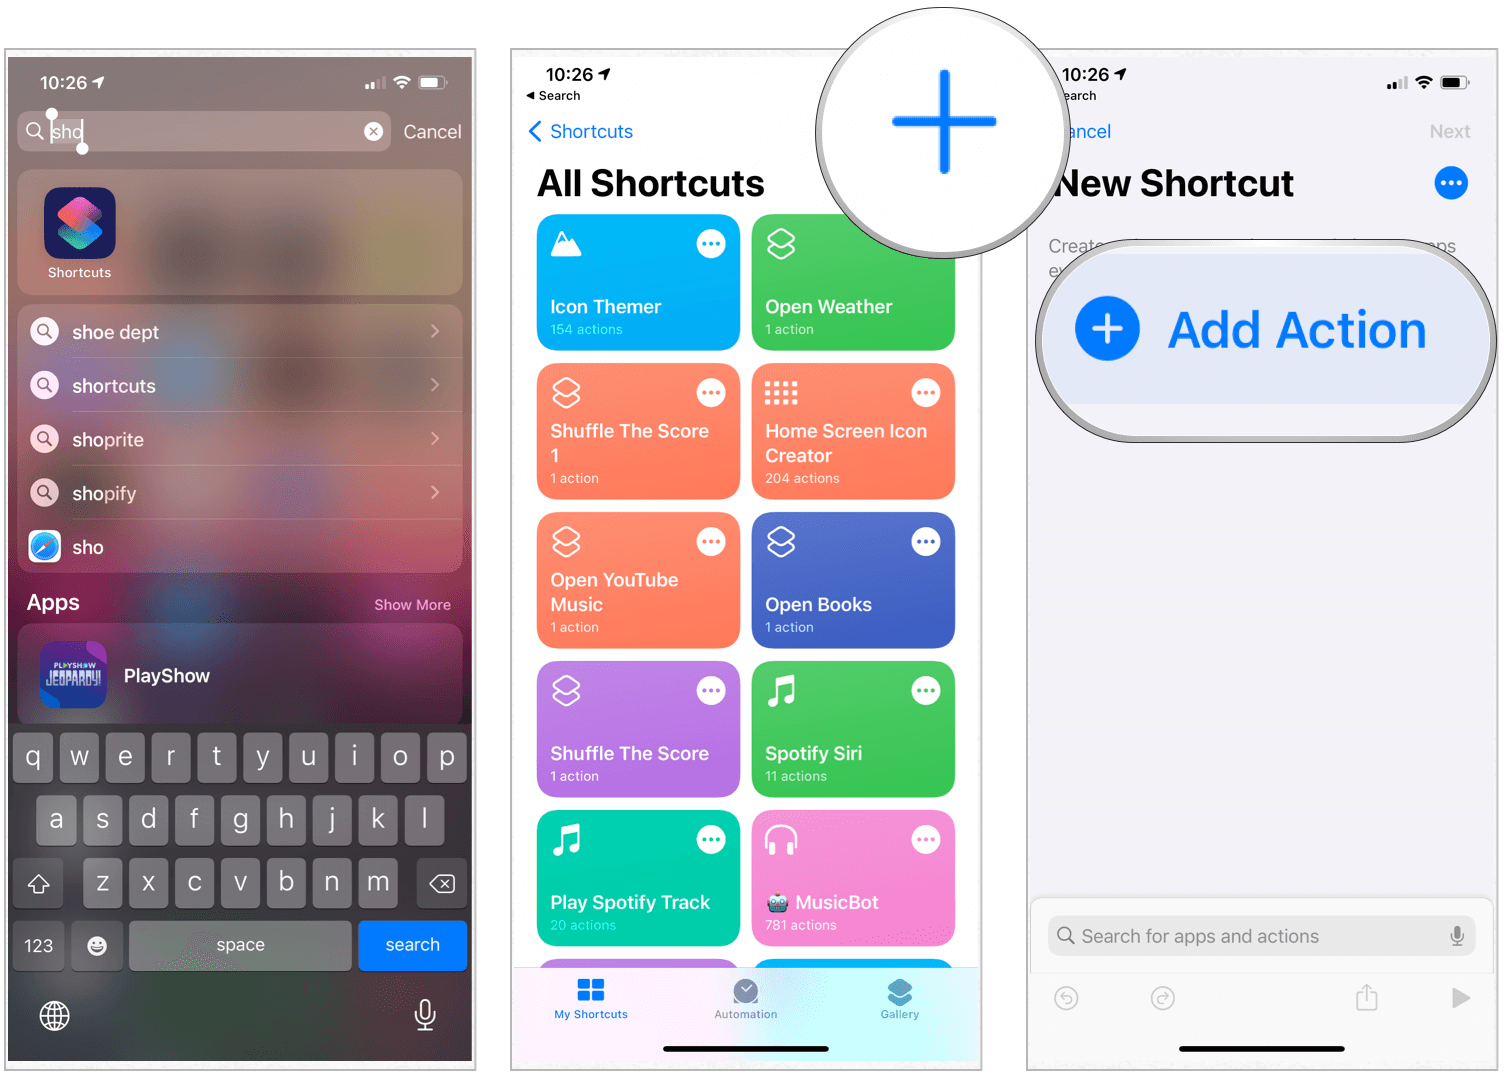 Shortcuts create icon